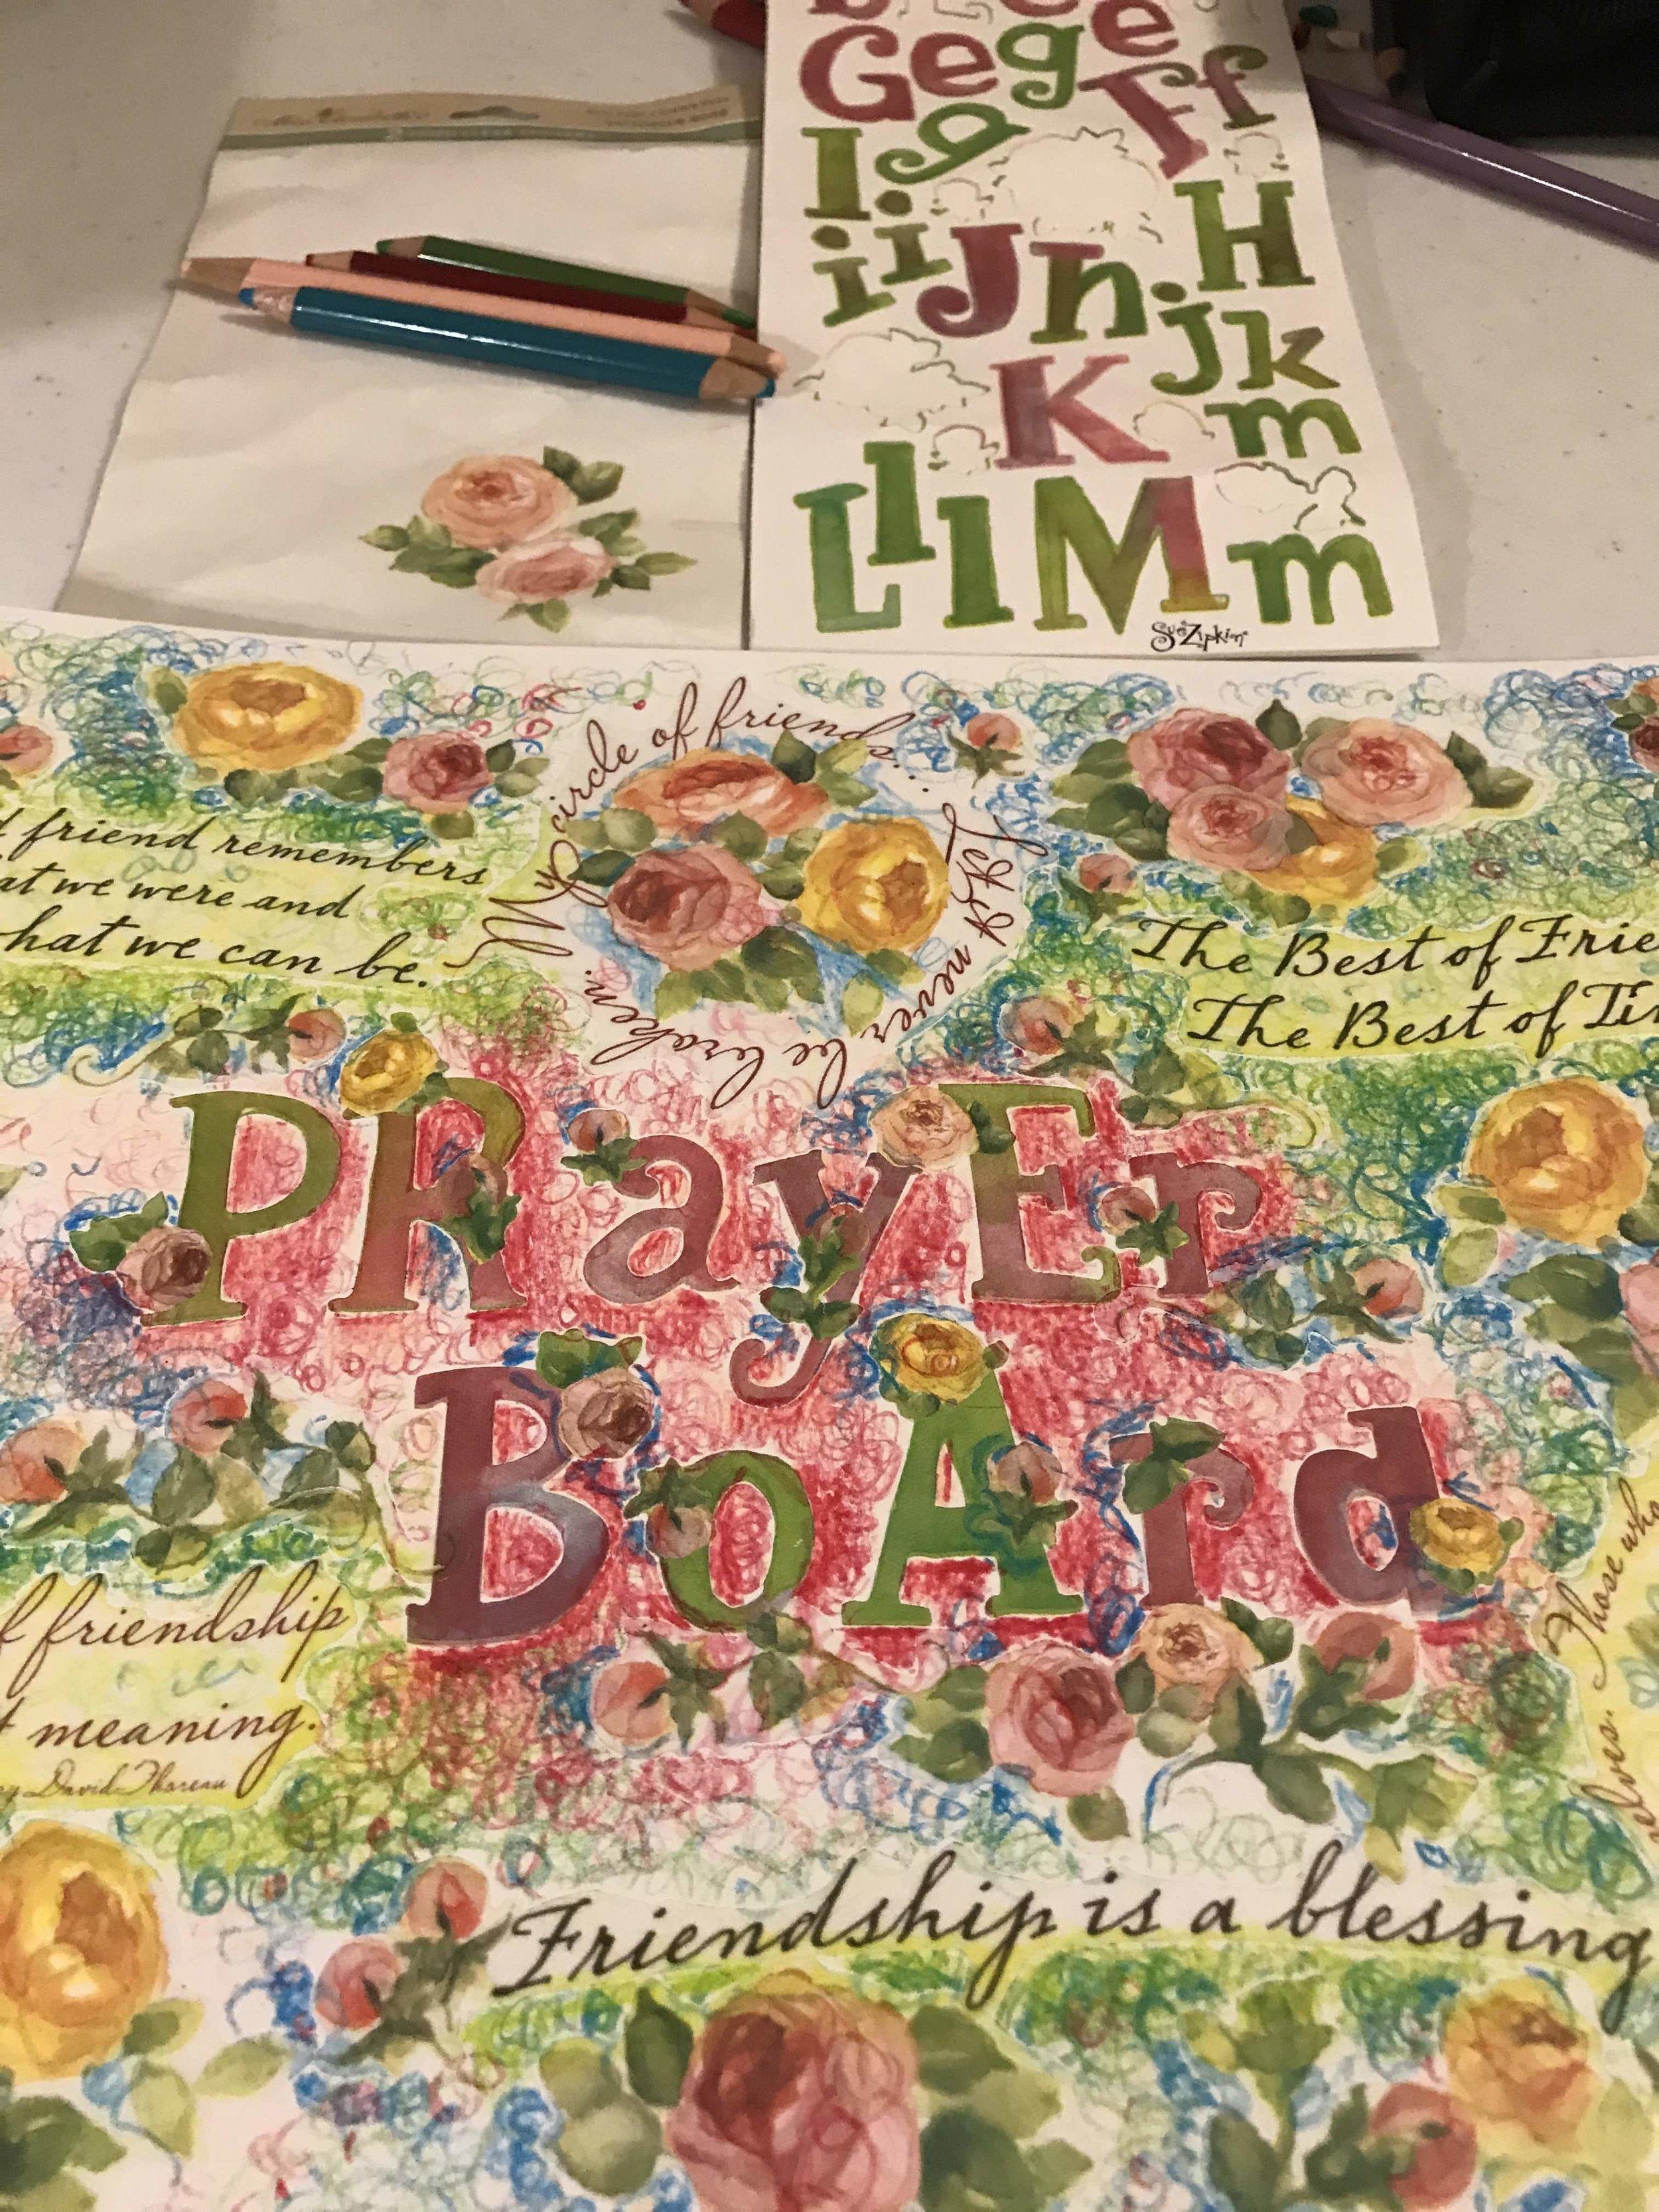 Prayer Board Soulcare 5 artsy Patricia Tiffany Morris.jpg